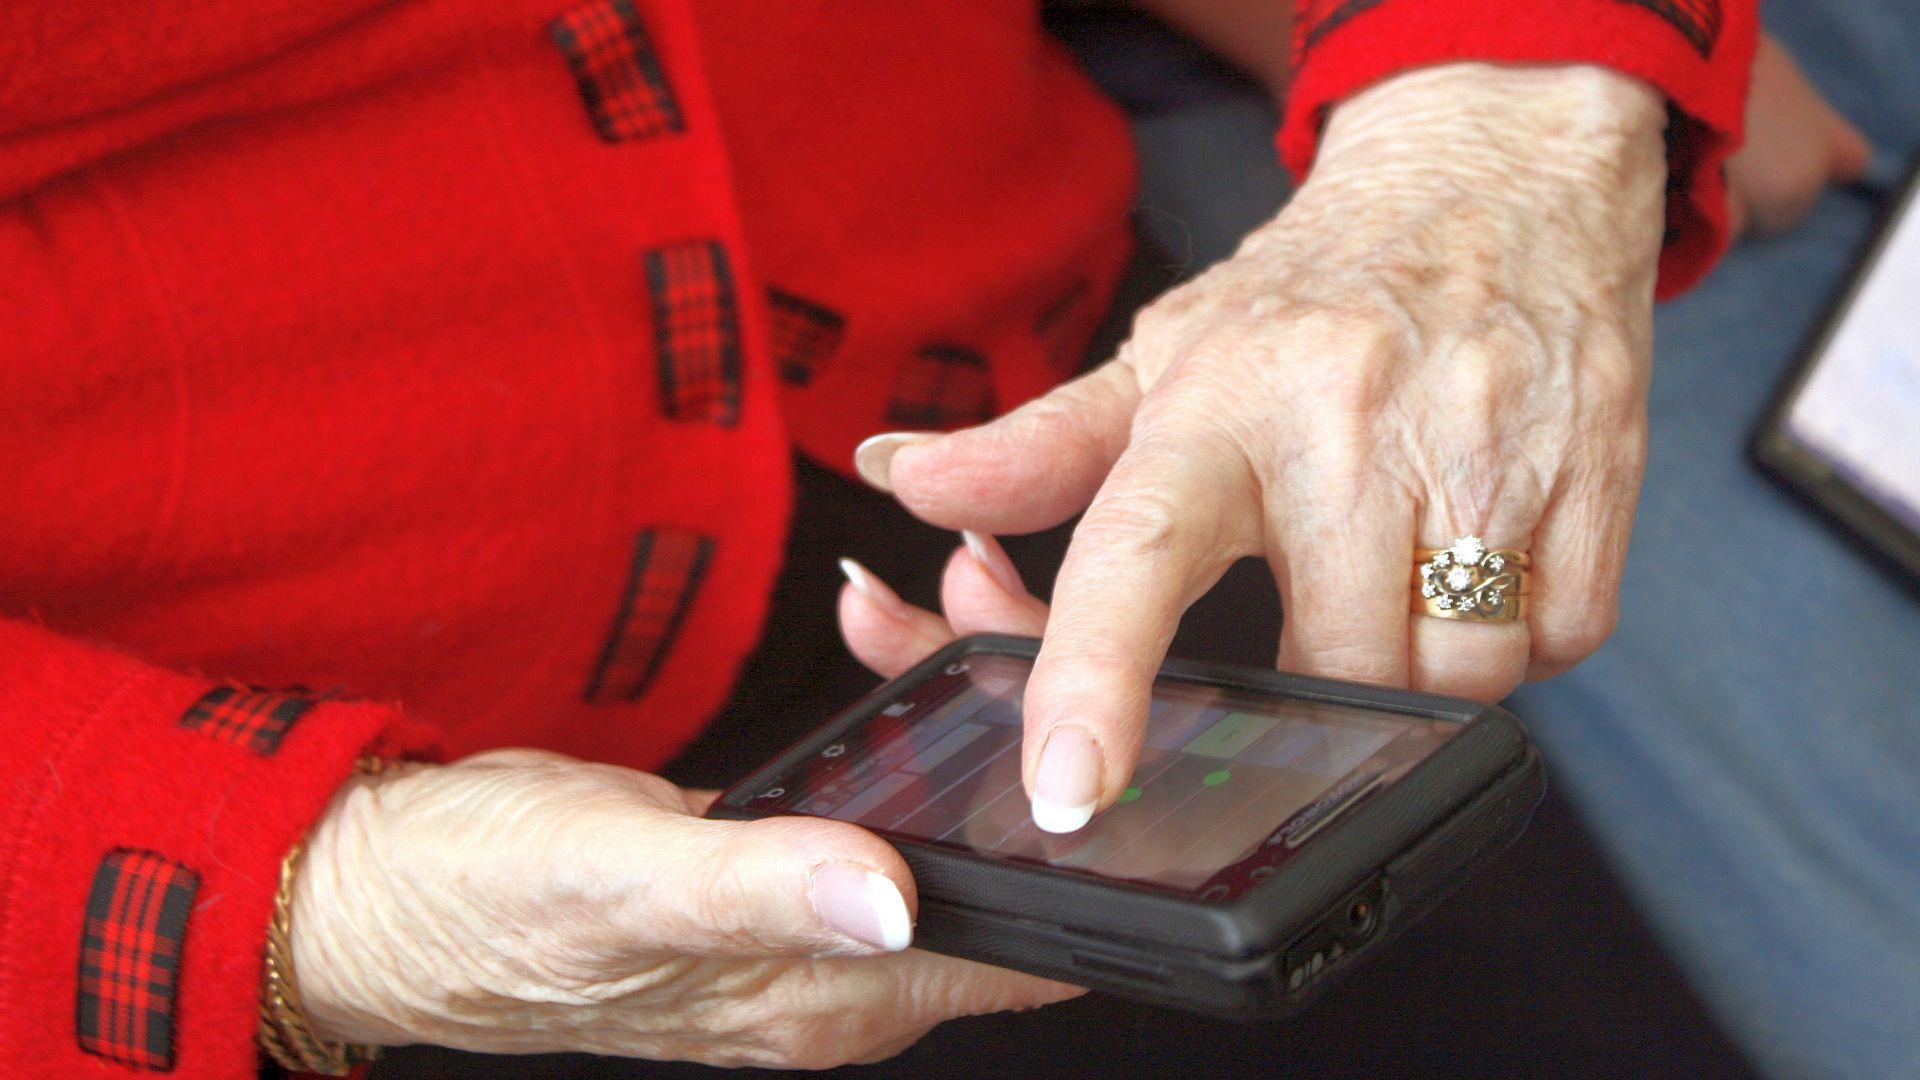 Ik ben ik blij met het besluit om zorgverleners te verplichten patiëntgegevens digitaal te delen. Want mantelzorgers en professionals communiceren graag zo.